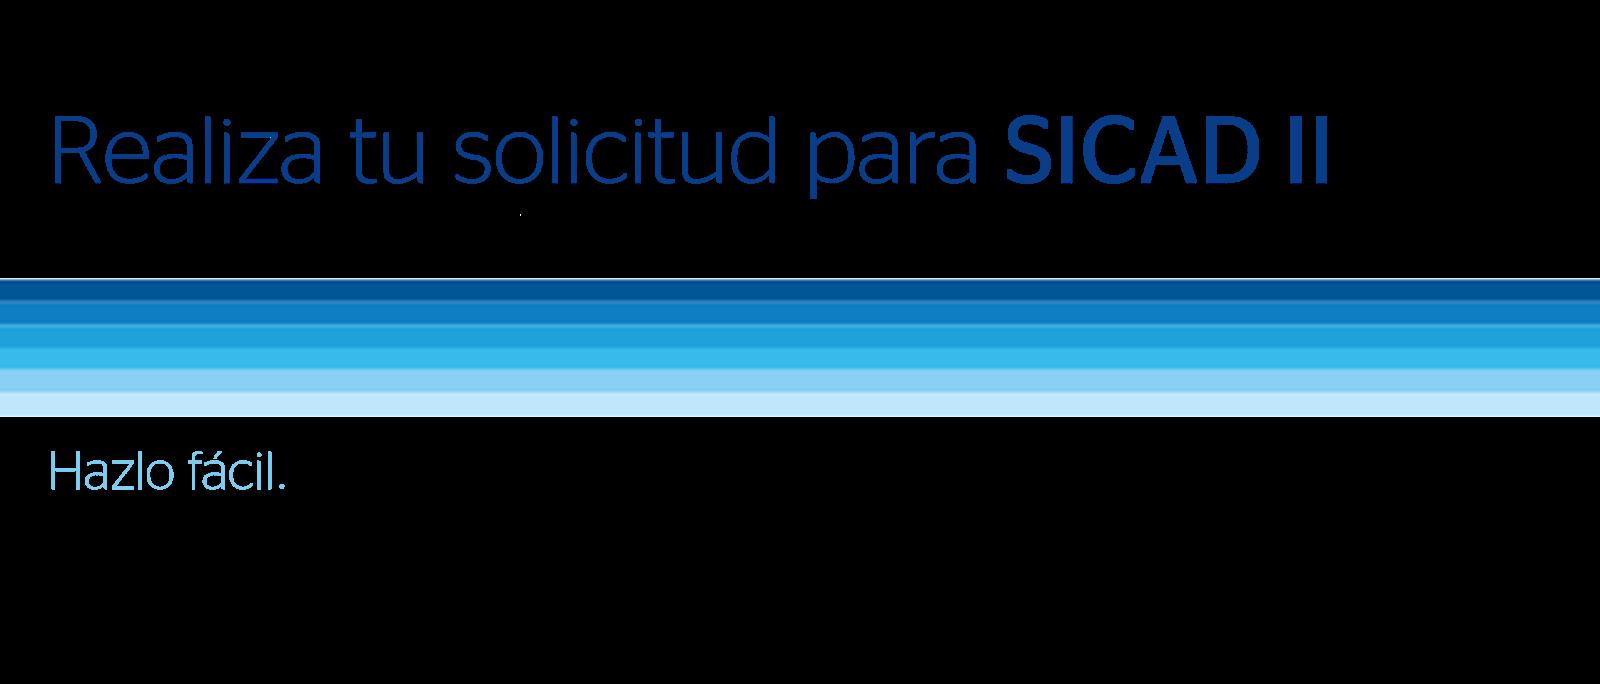 Sicad II, cuenta en dolares, apertura de cuenta en dolares, Provincial, Provinet, divisas, bbva